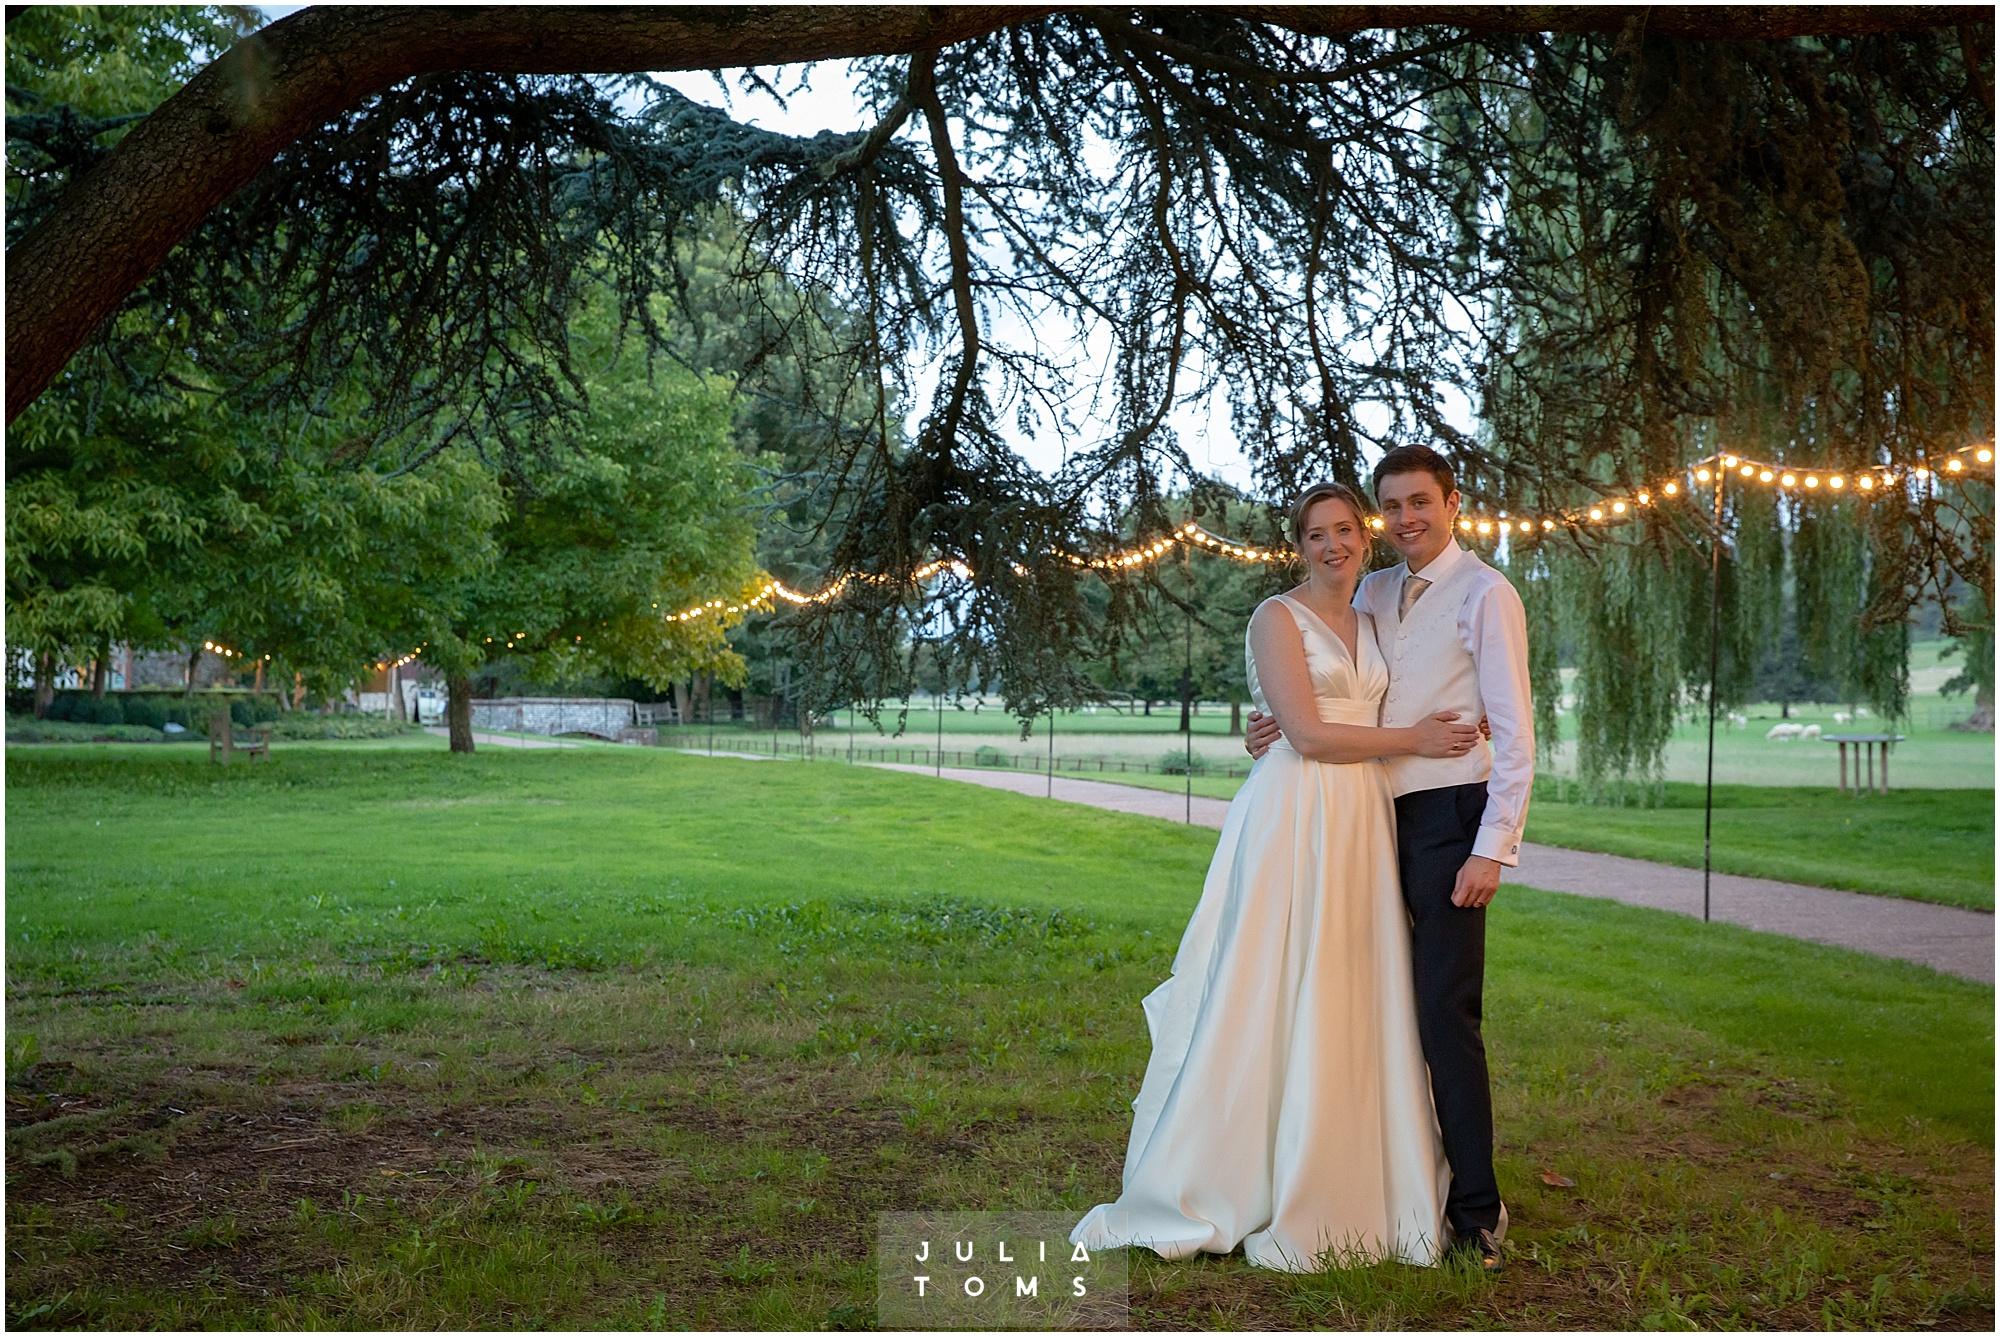 westsussex_wedding_photographer_westdean_088.jpg